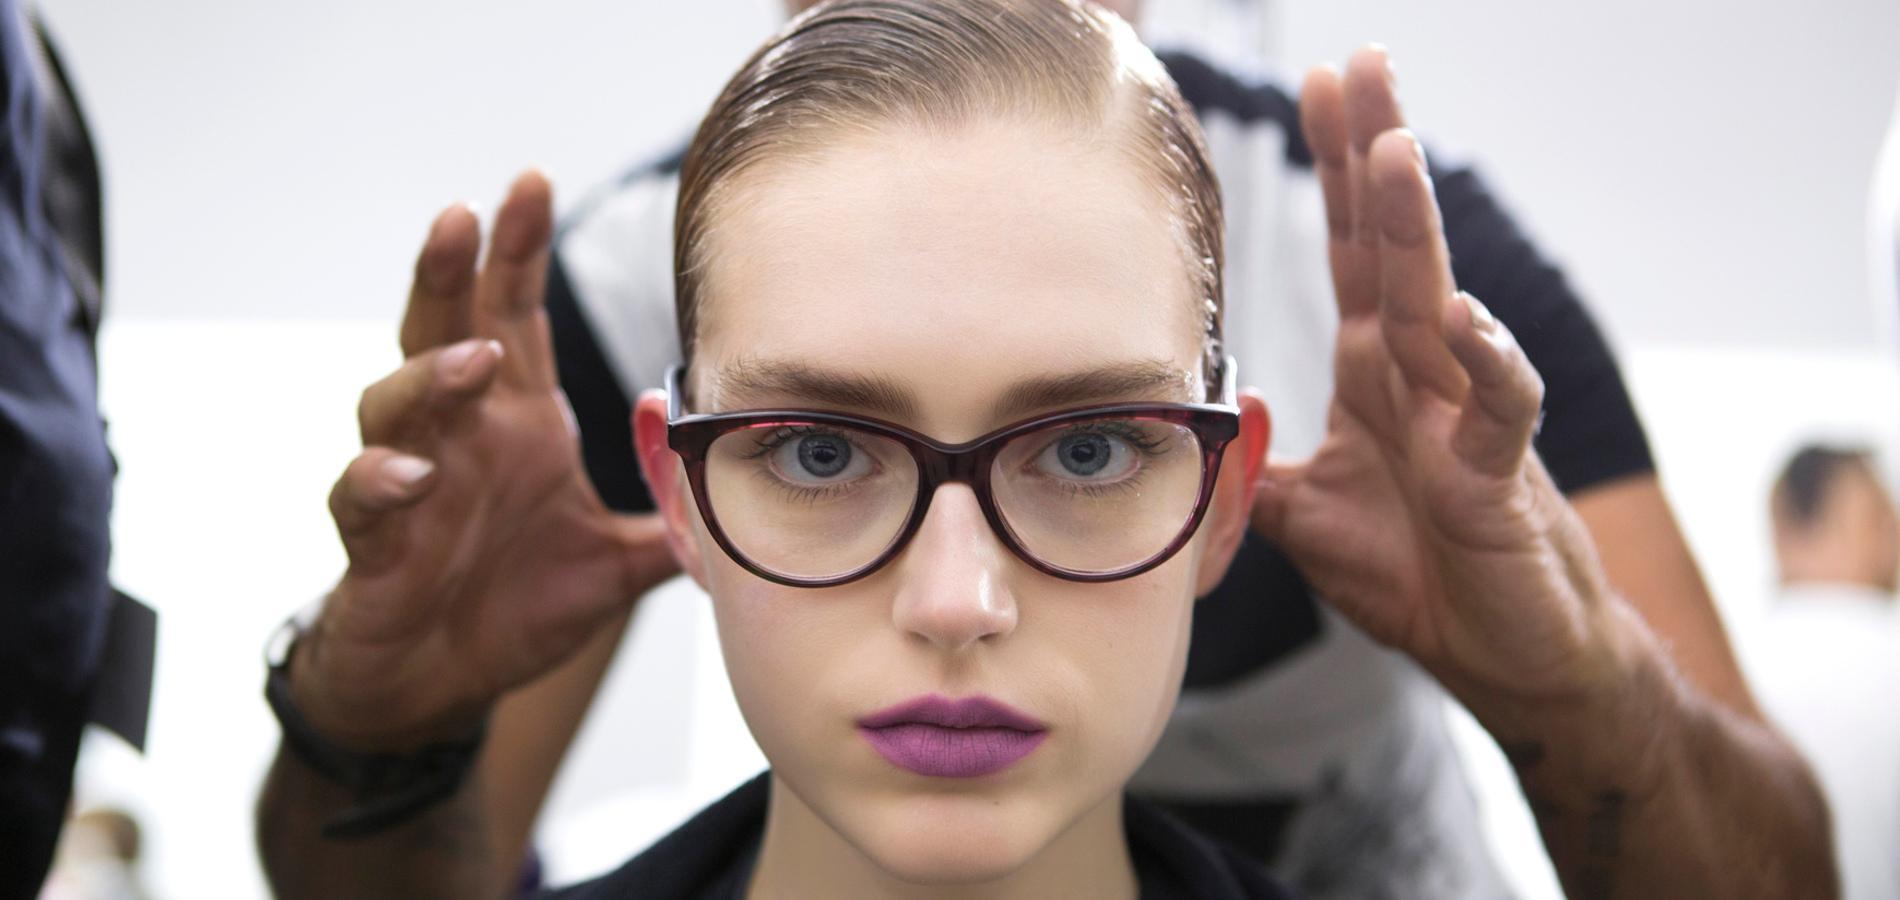 14f48be496 Nos conseils pour se maquiller quand on porte des lunettes - Madame ...